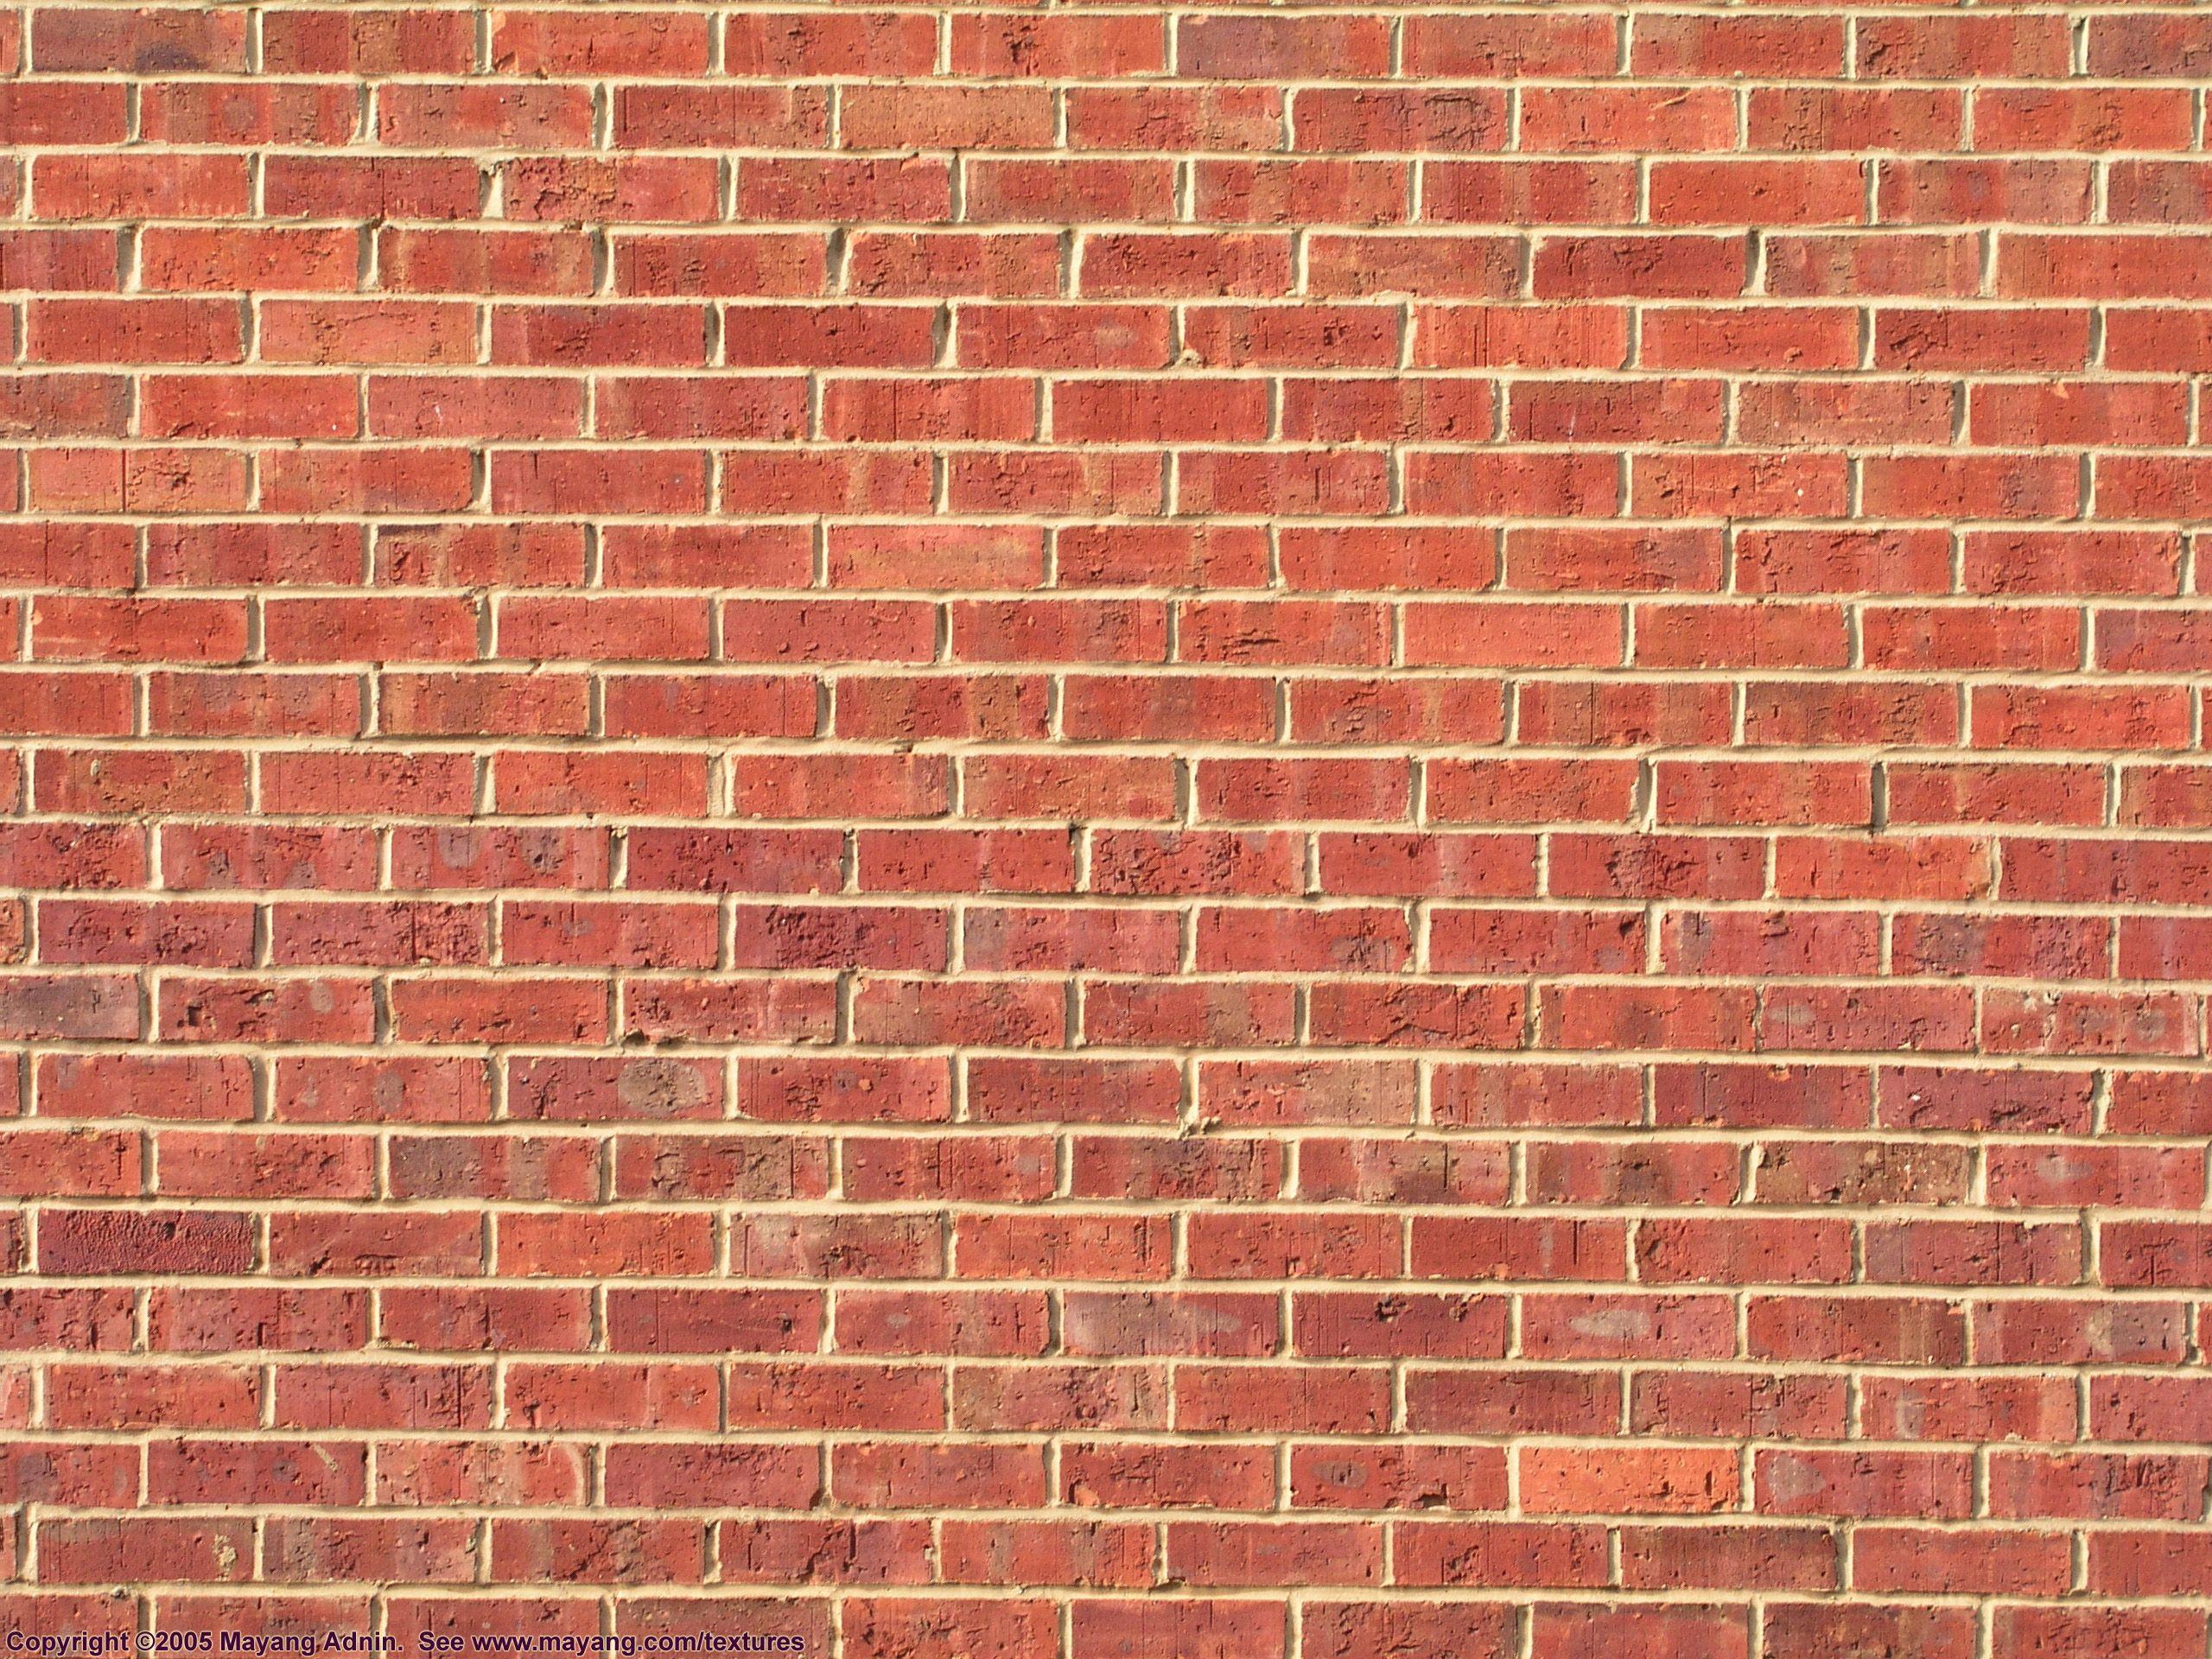 Red Brick Wall Mattoni Fatto A Mano Legno